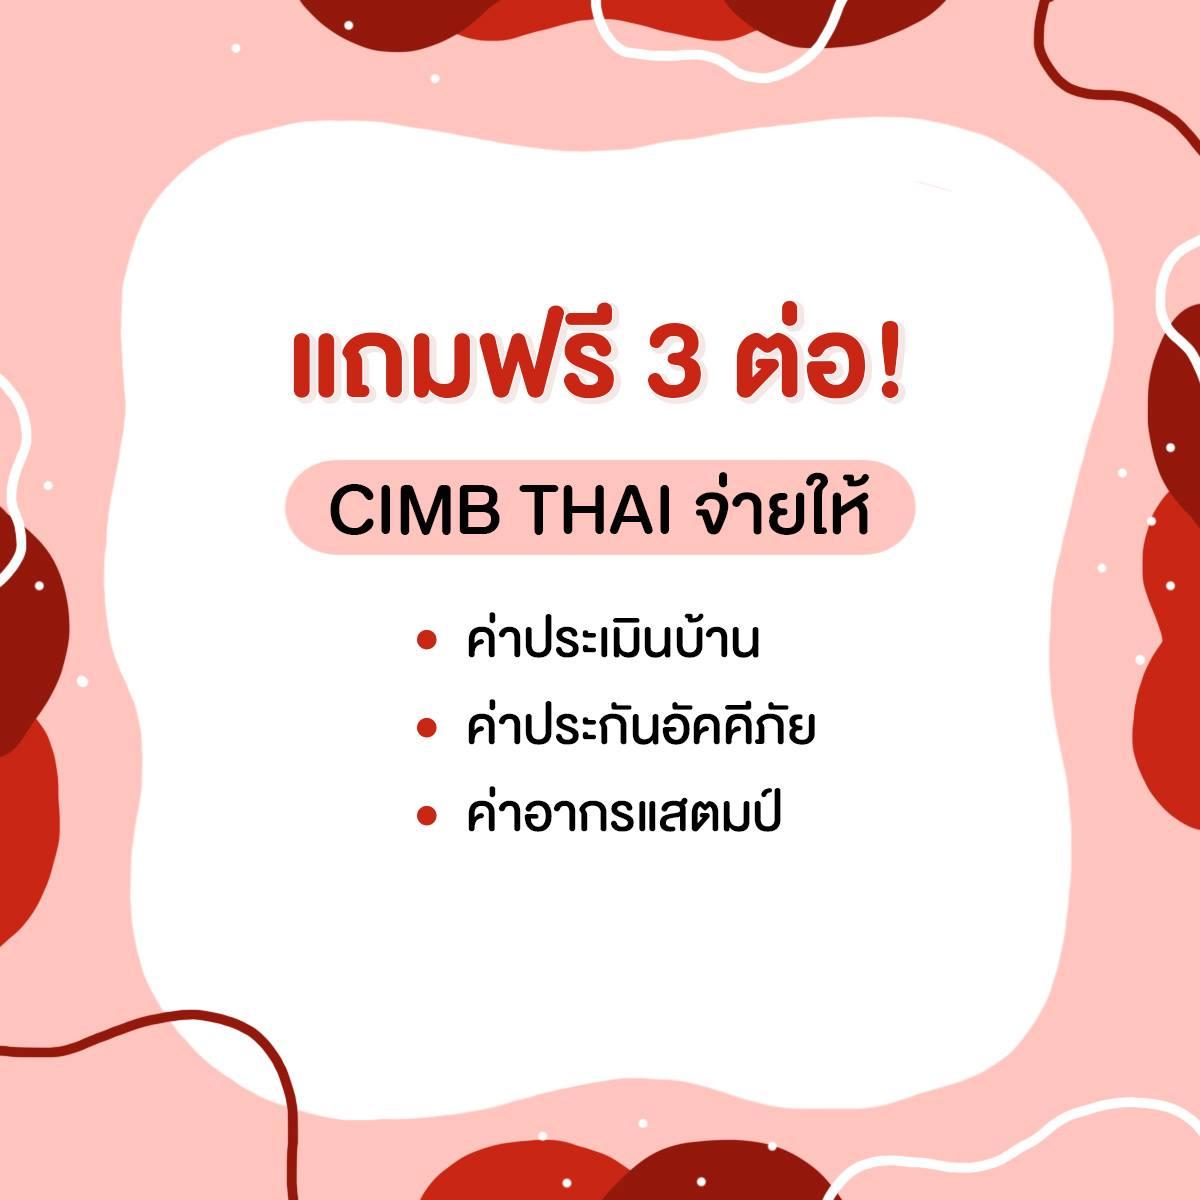 รีไฟแนนซ์บ้าน กับ CIMB THAI